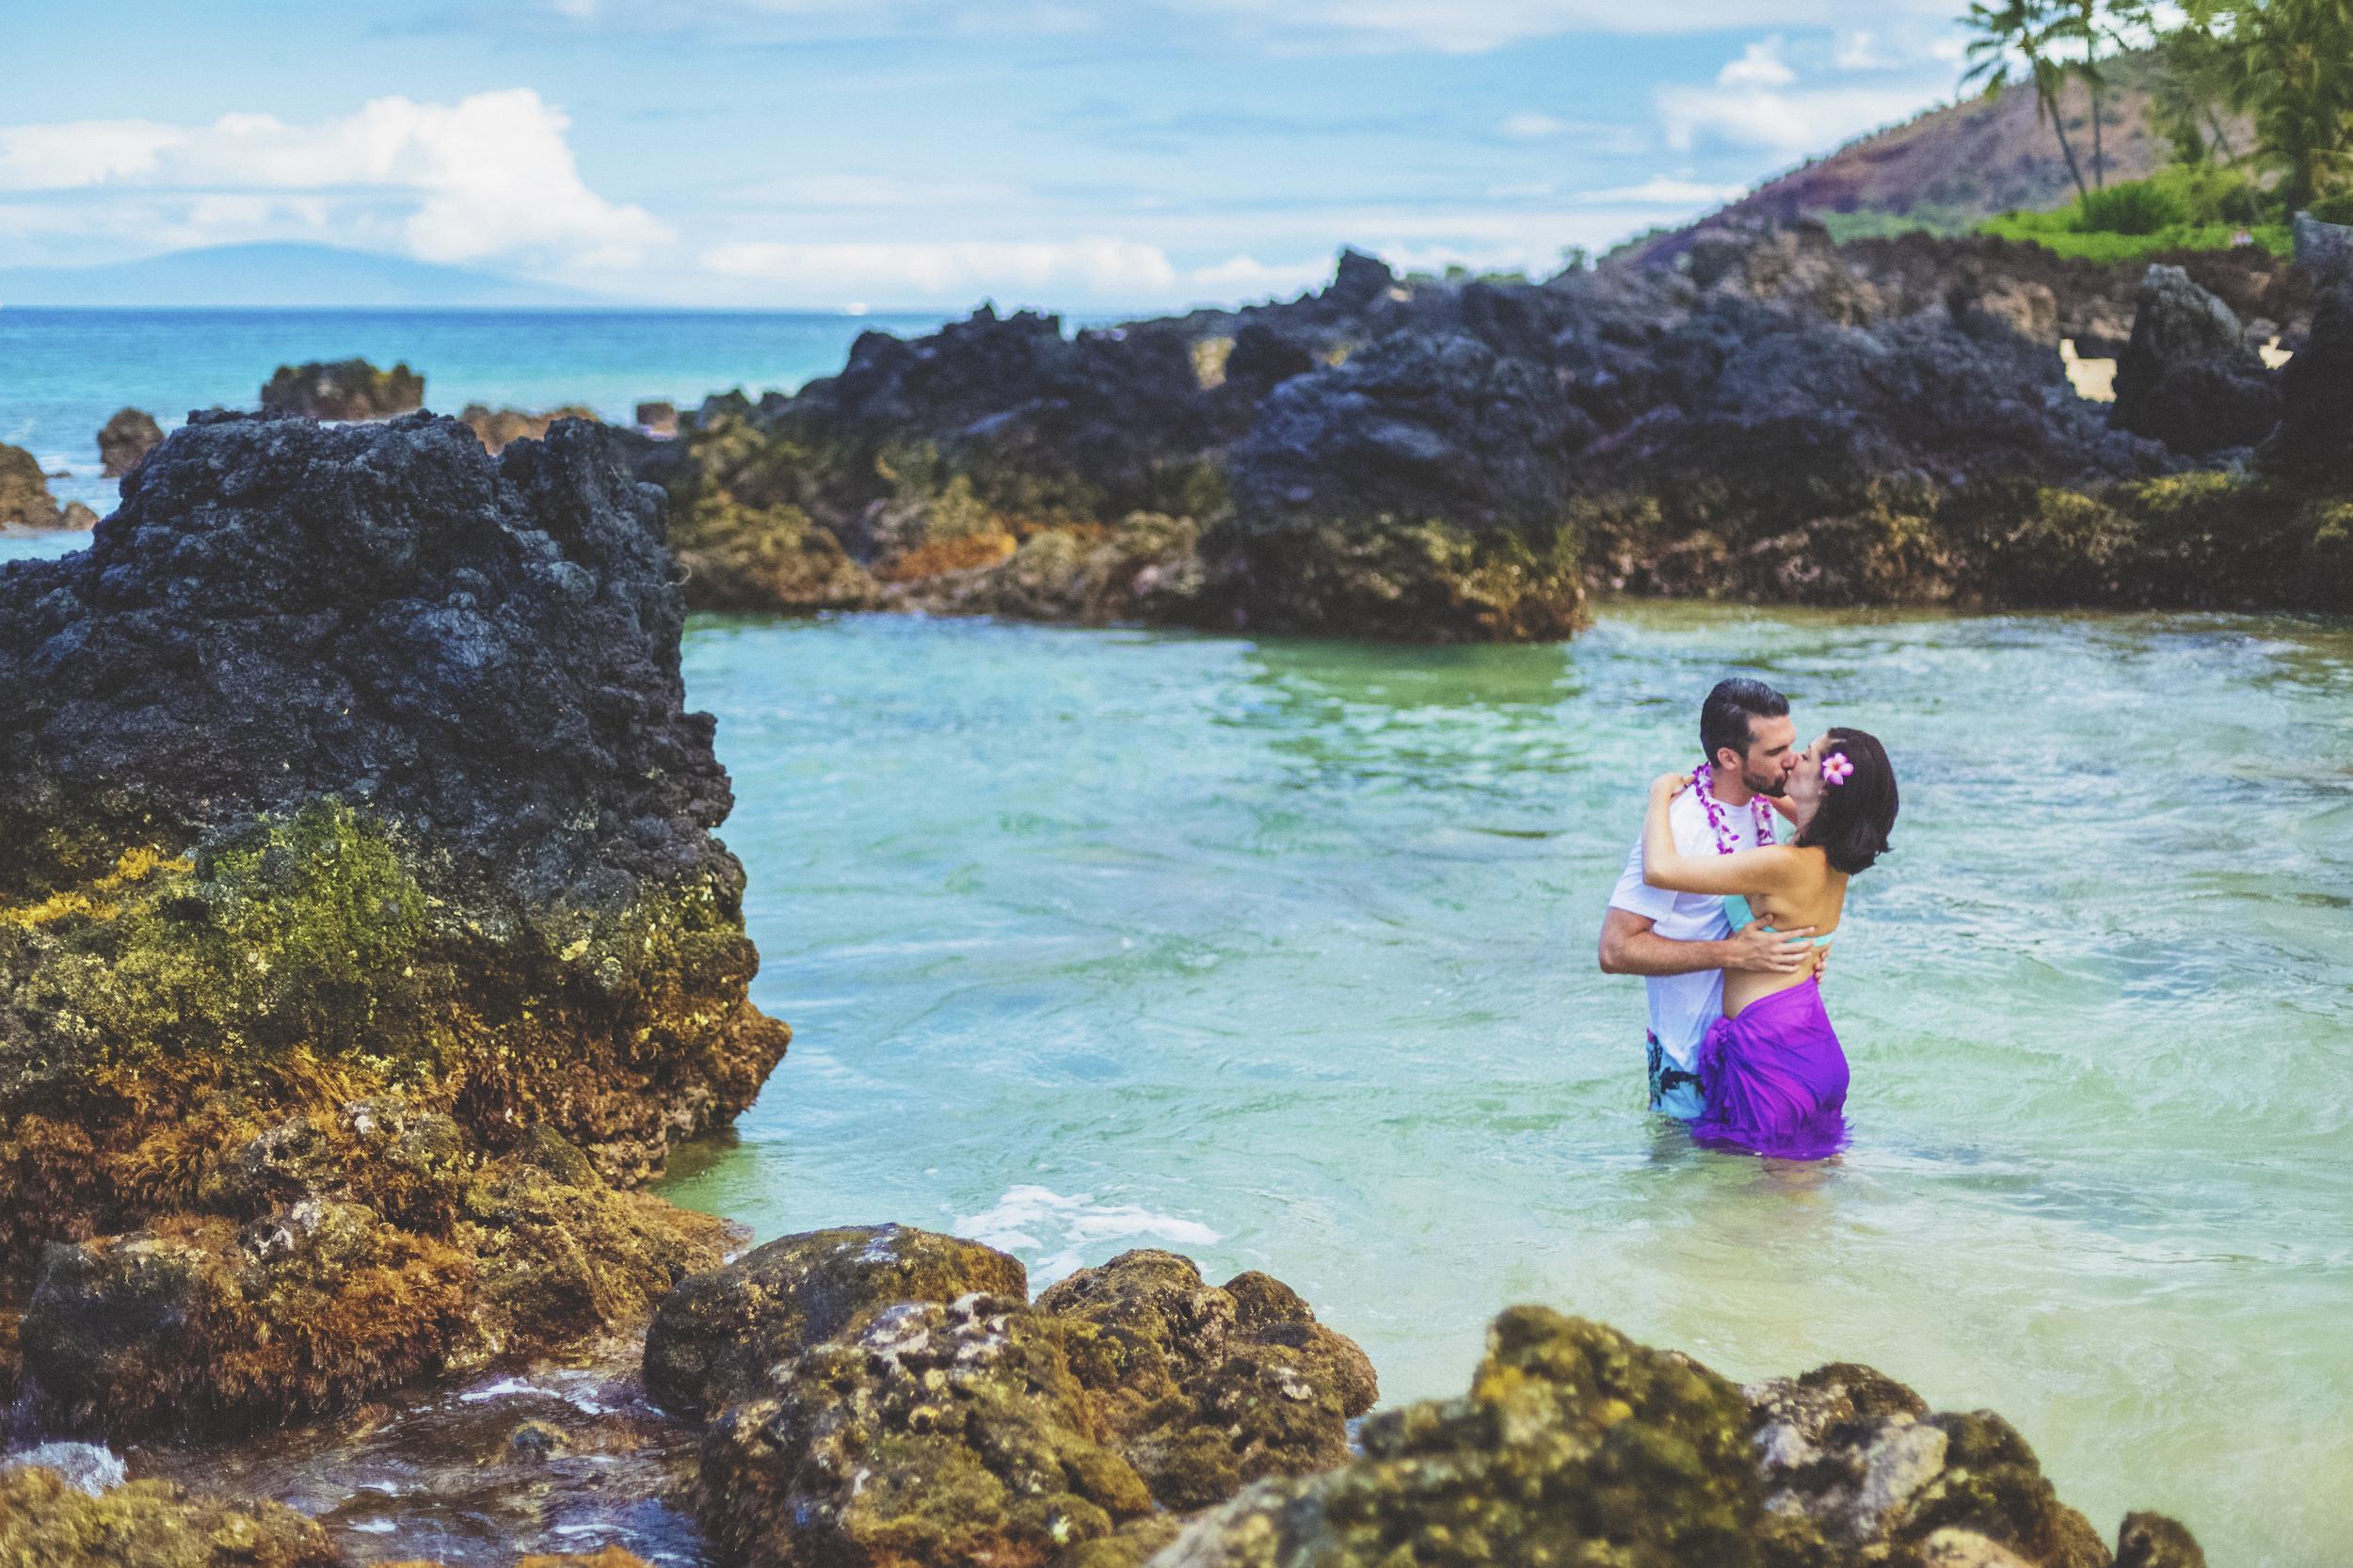 angie-diaz-photography-maui-beach-honeymoon-photographer-13.jpg